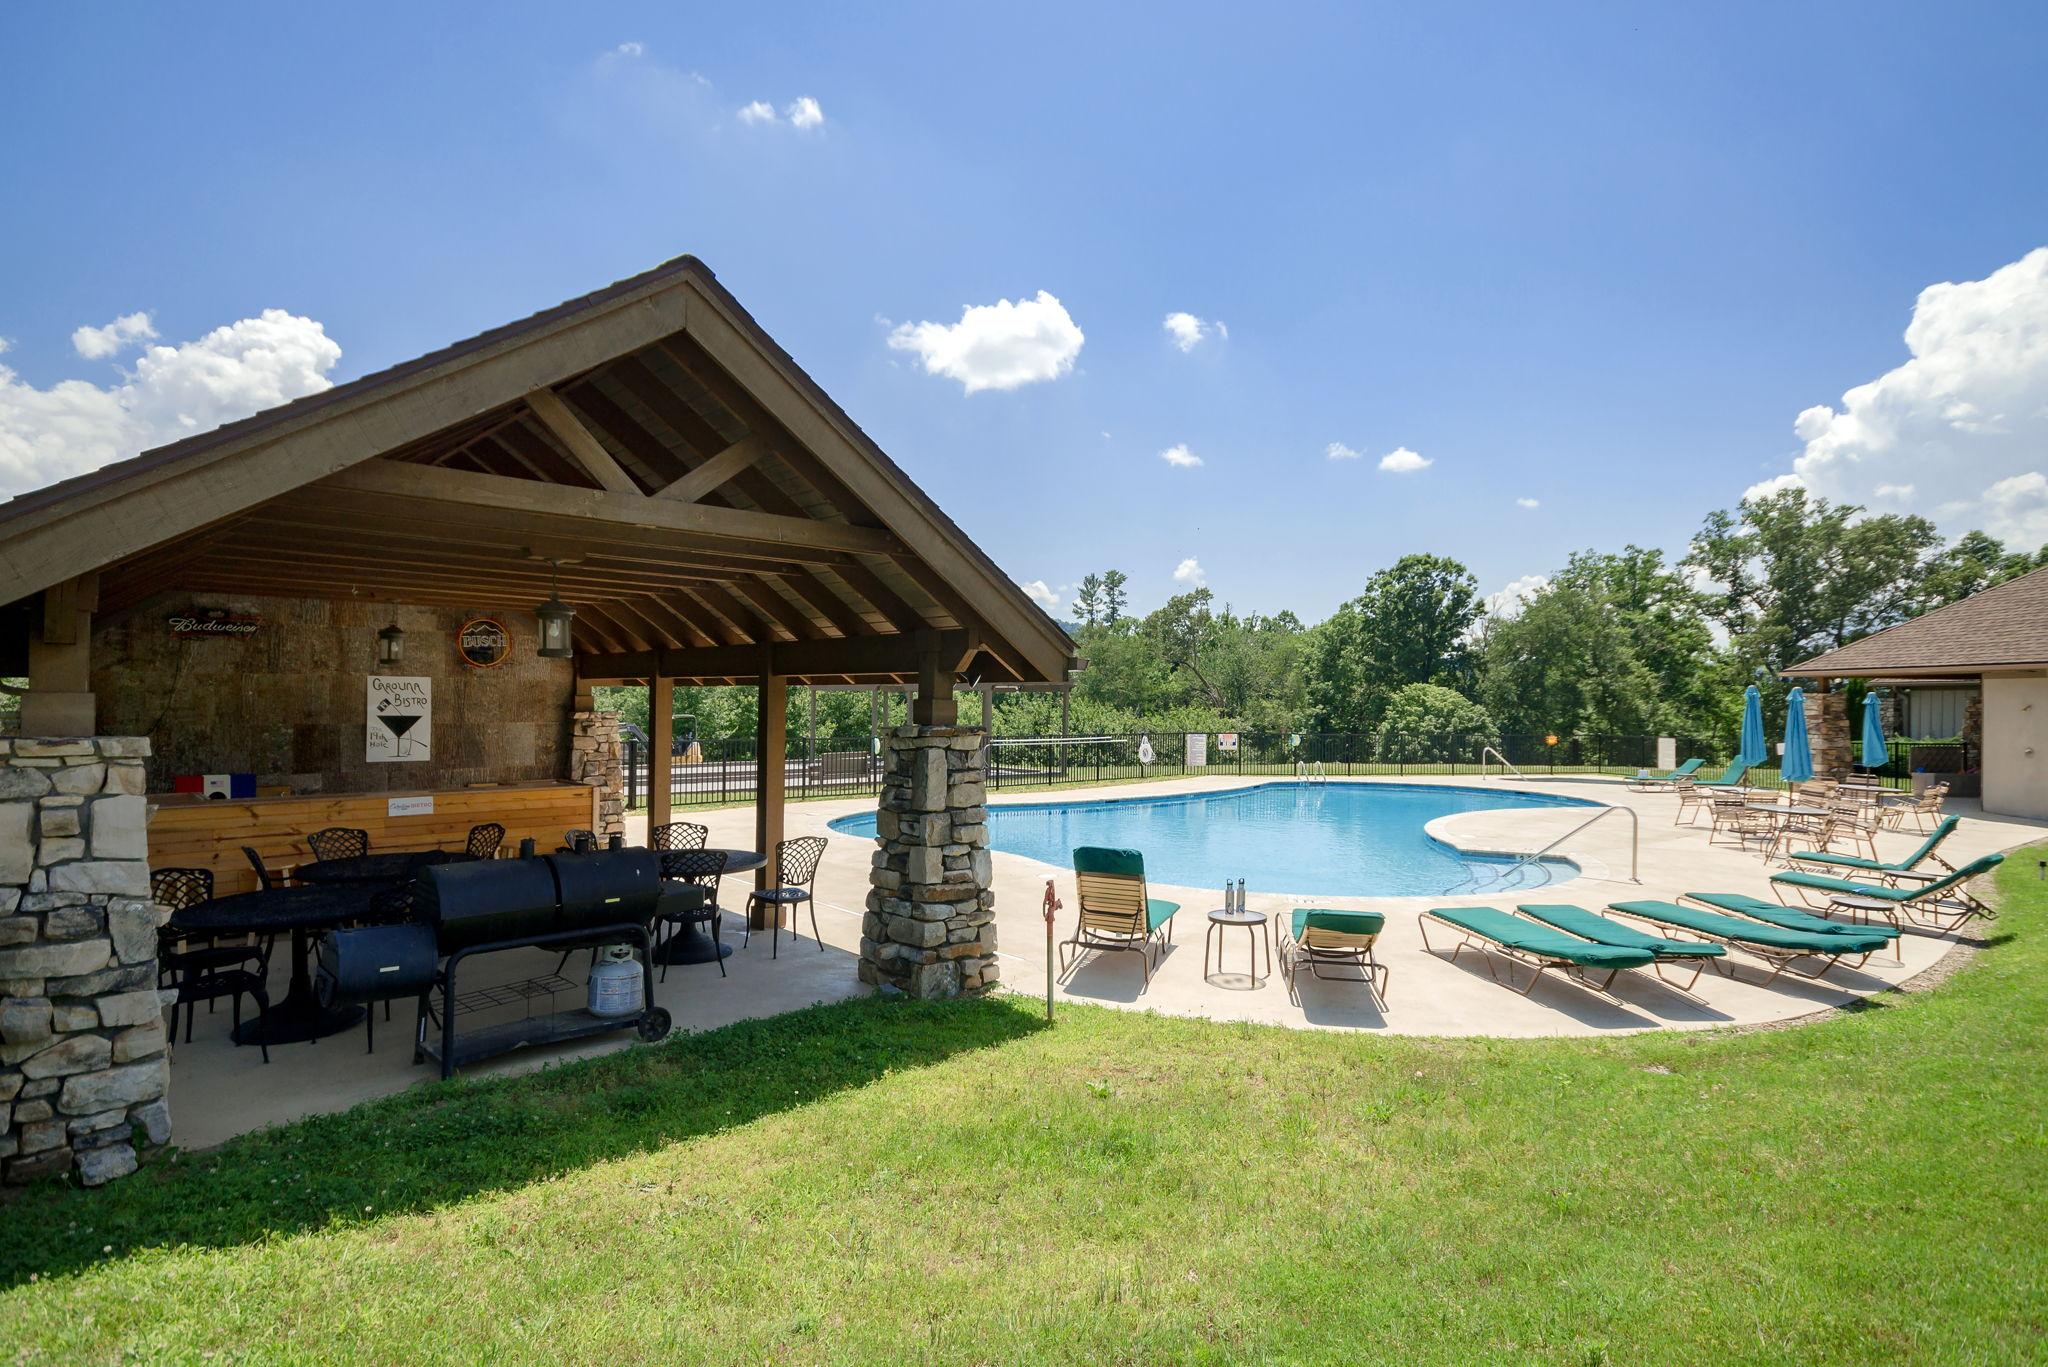 Pavilion/Pool